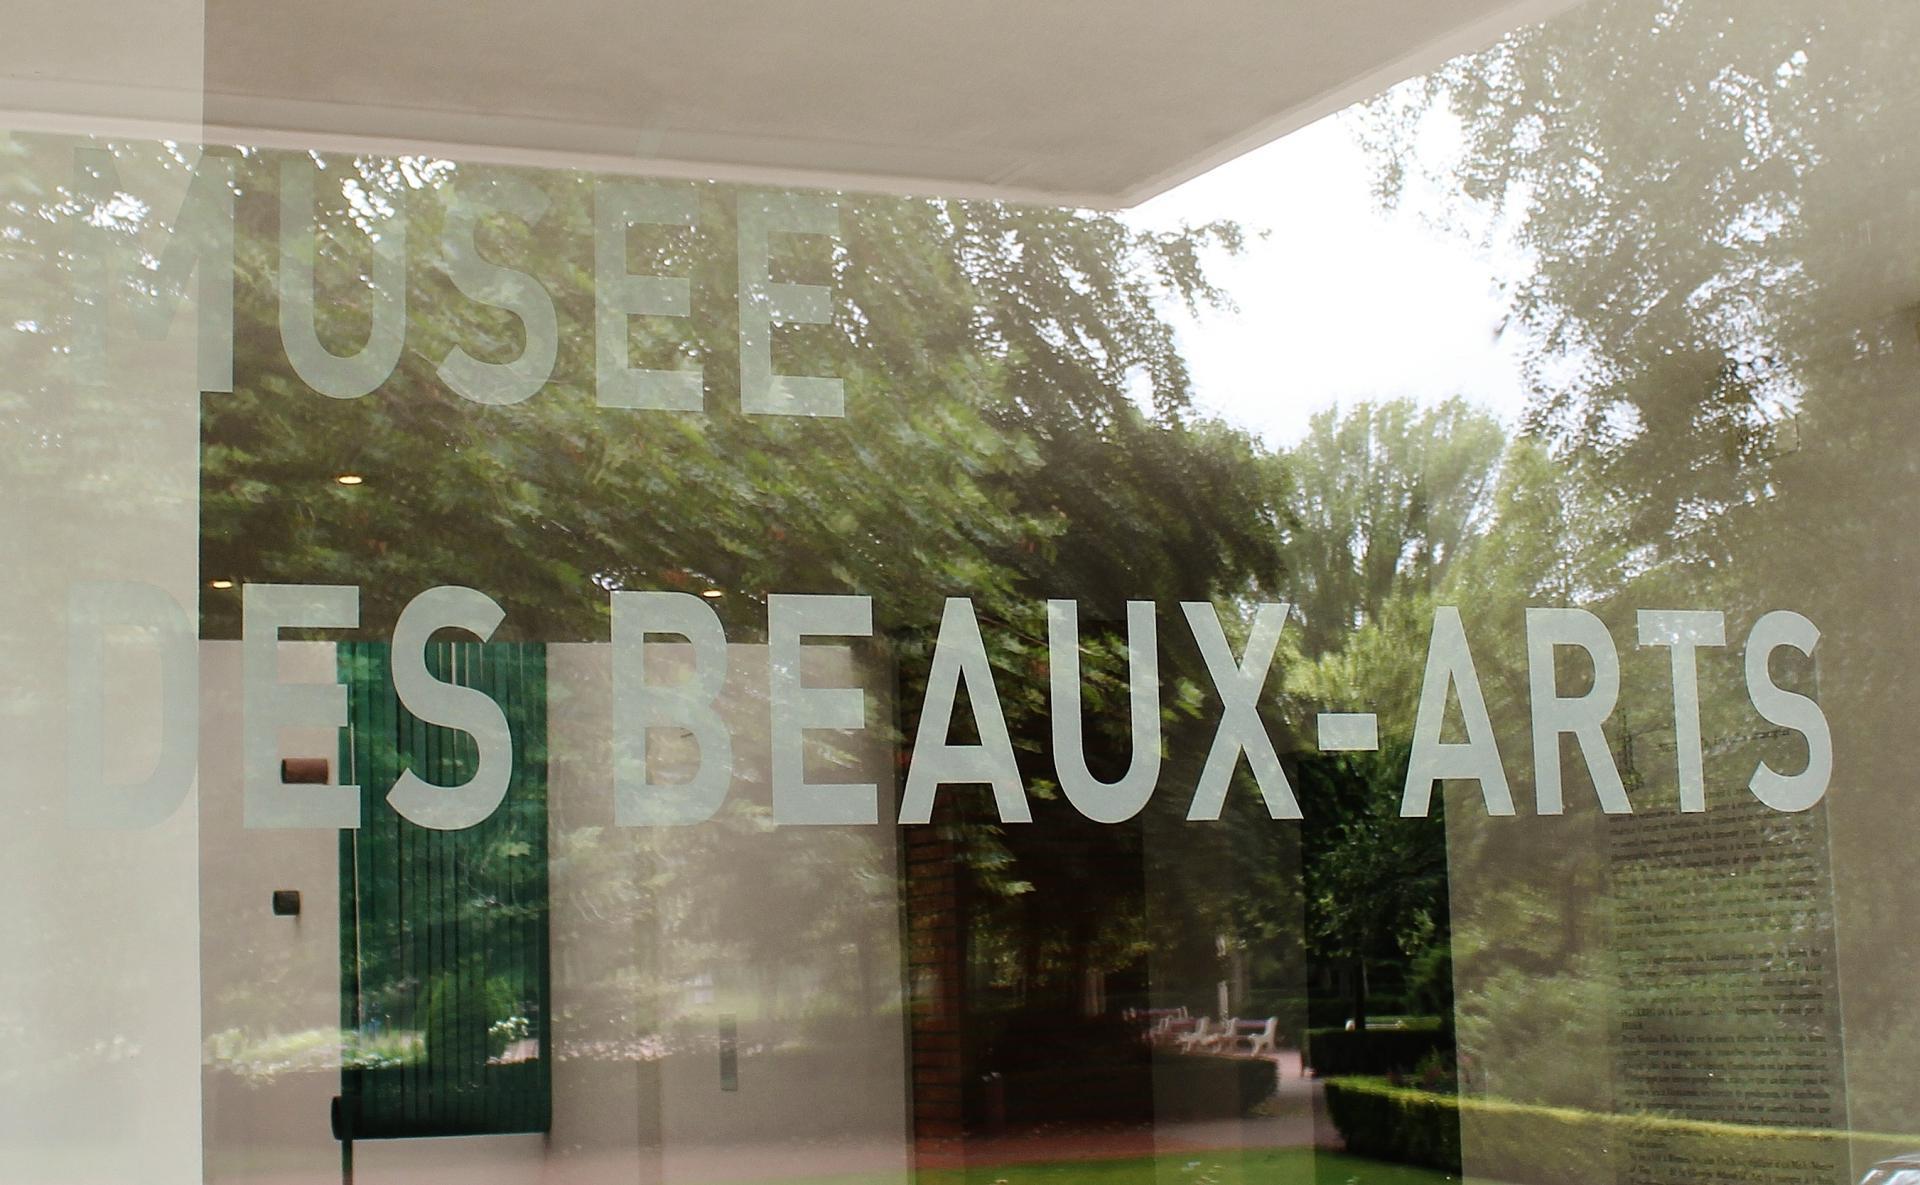 Musee des beaux arts de calais la vitrine